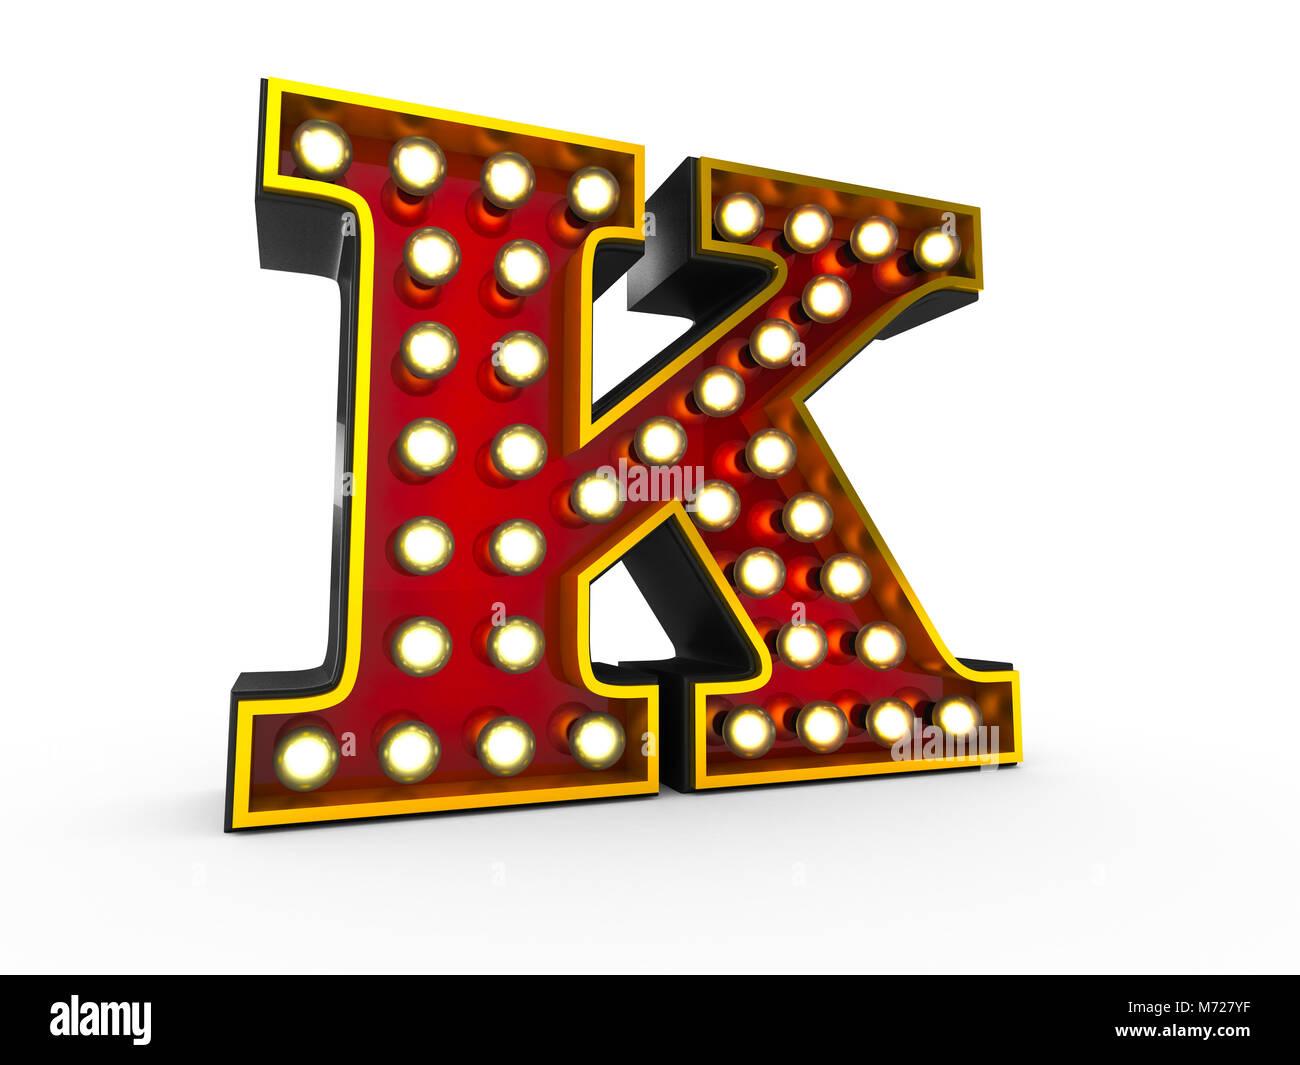 Hochwertige 3D-Darstellung der Buchstaben K im Broadway Stil mit Glühbirnen es erhellend auf weißem Hintergrund Stockbild